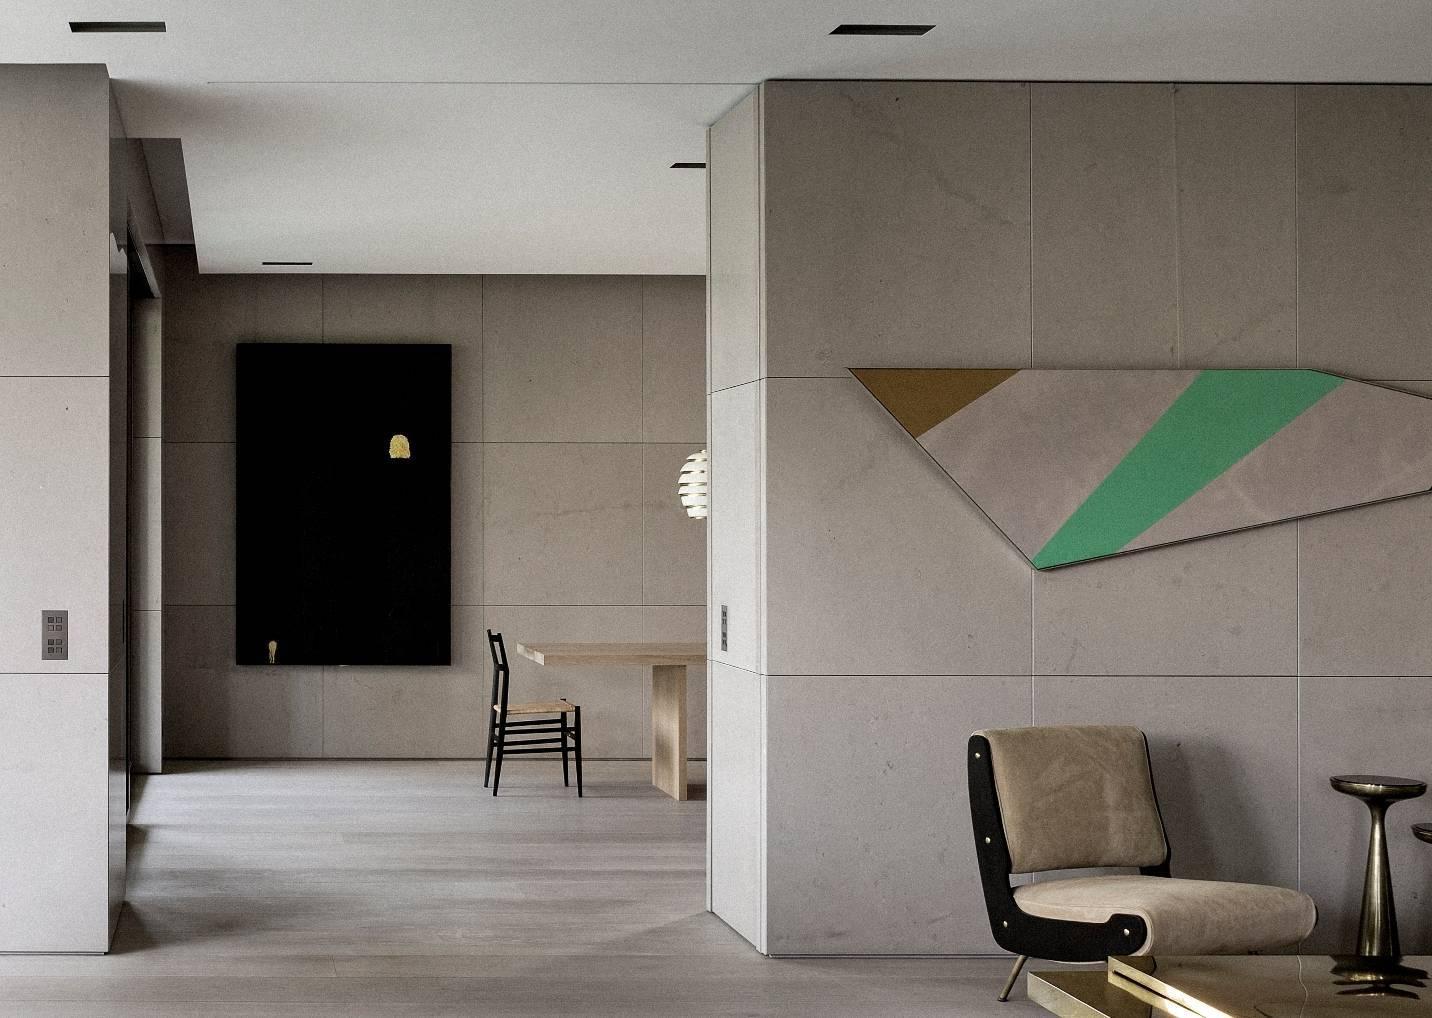 VVDA_VR Apartment_Frederik Vercruysse_1